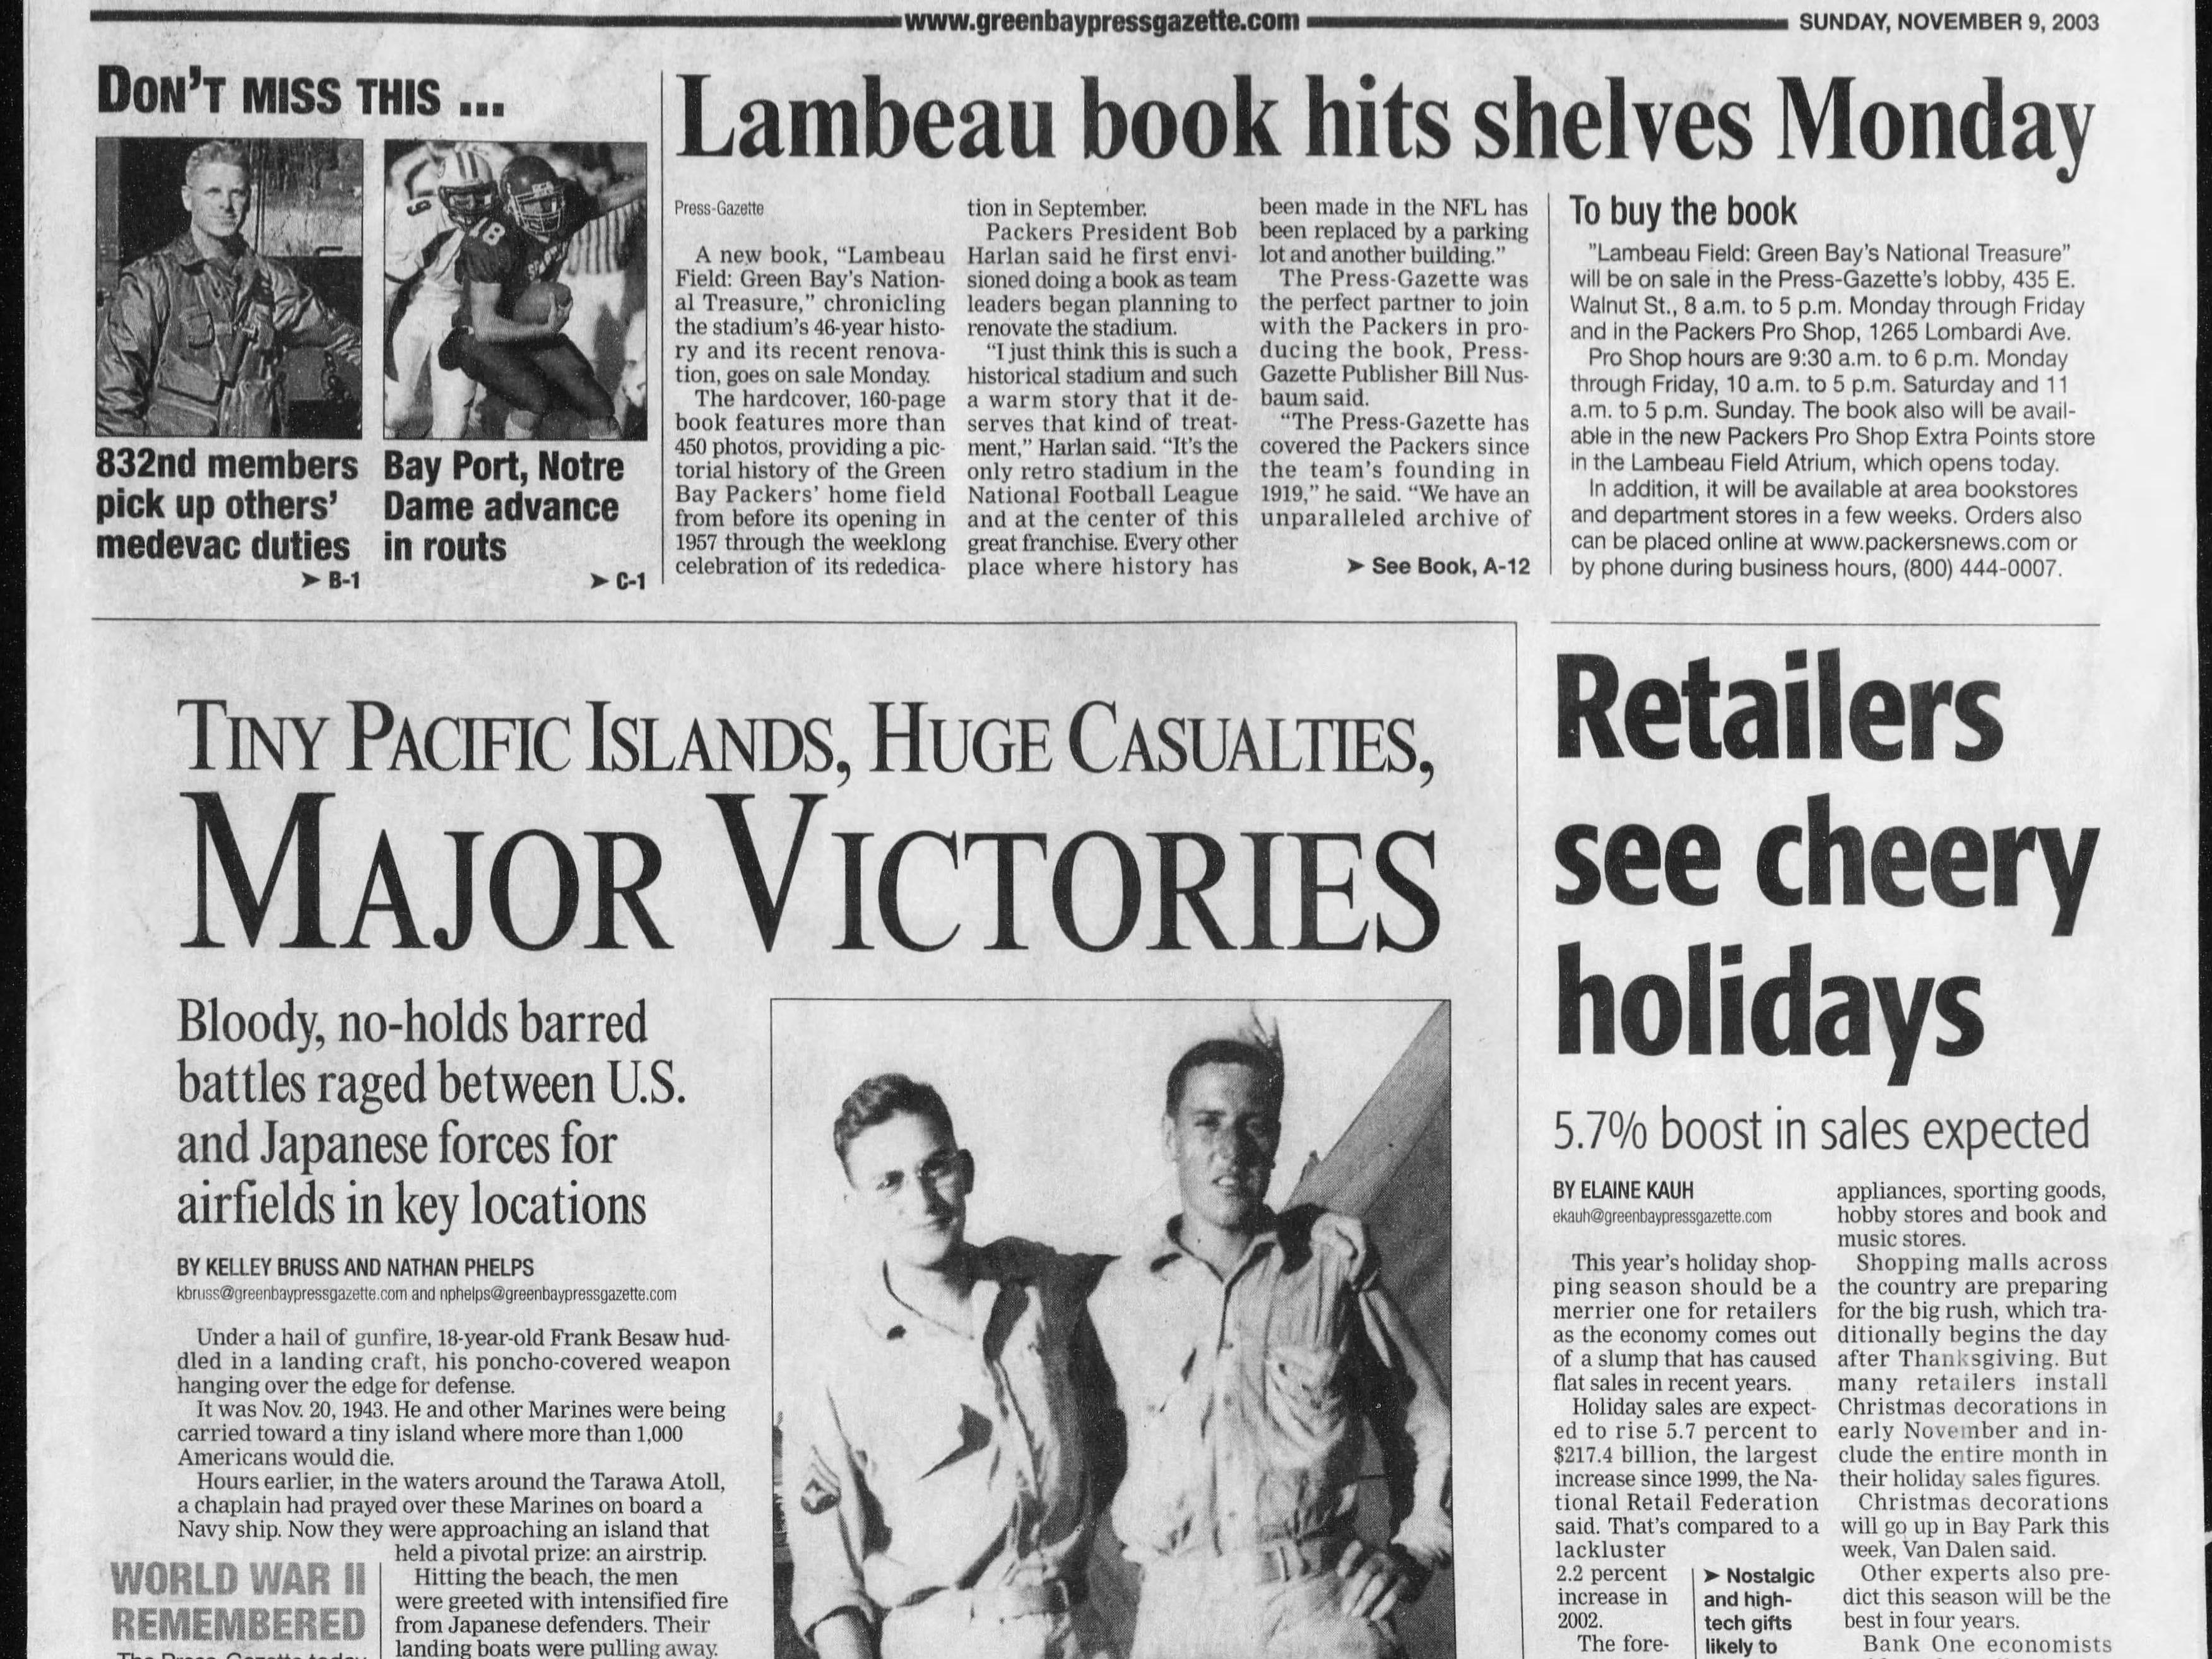 Today in History: Nov. 9, 2003